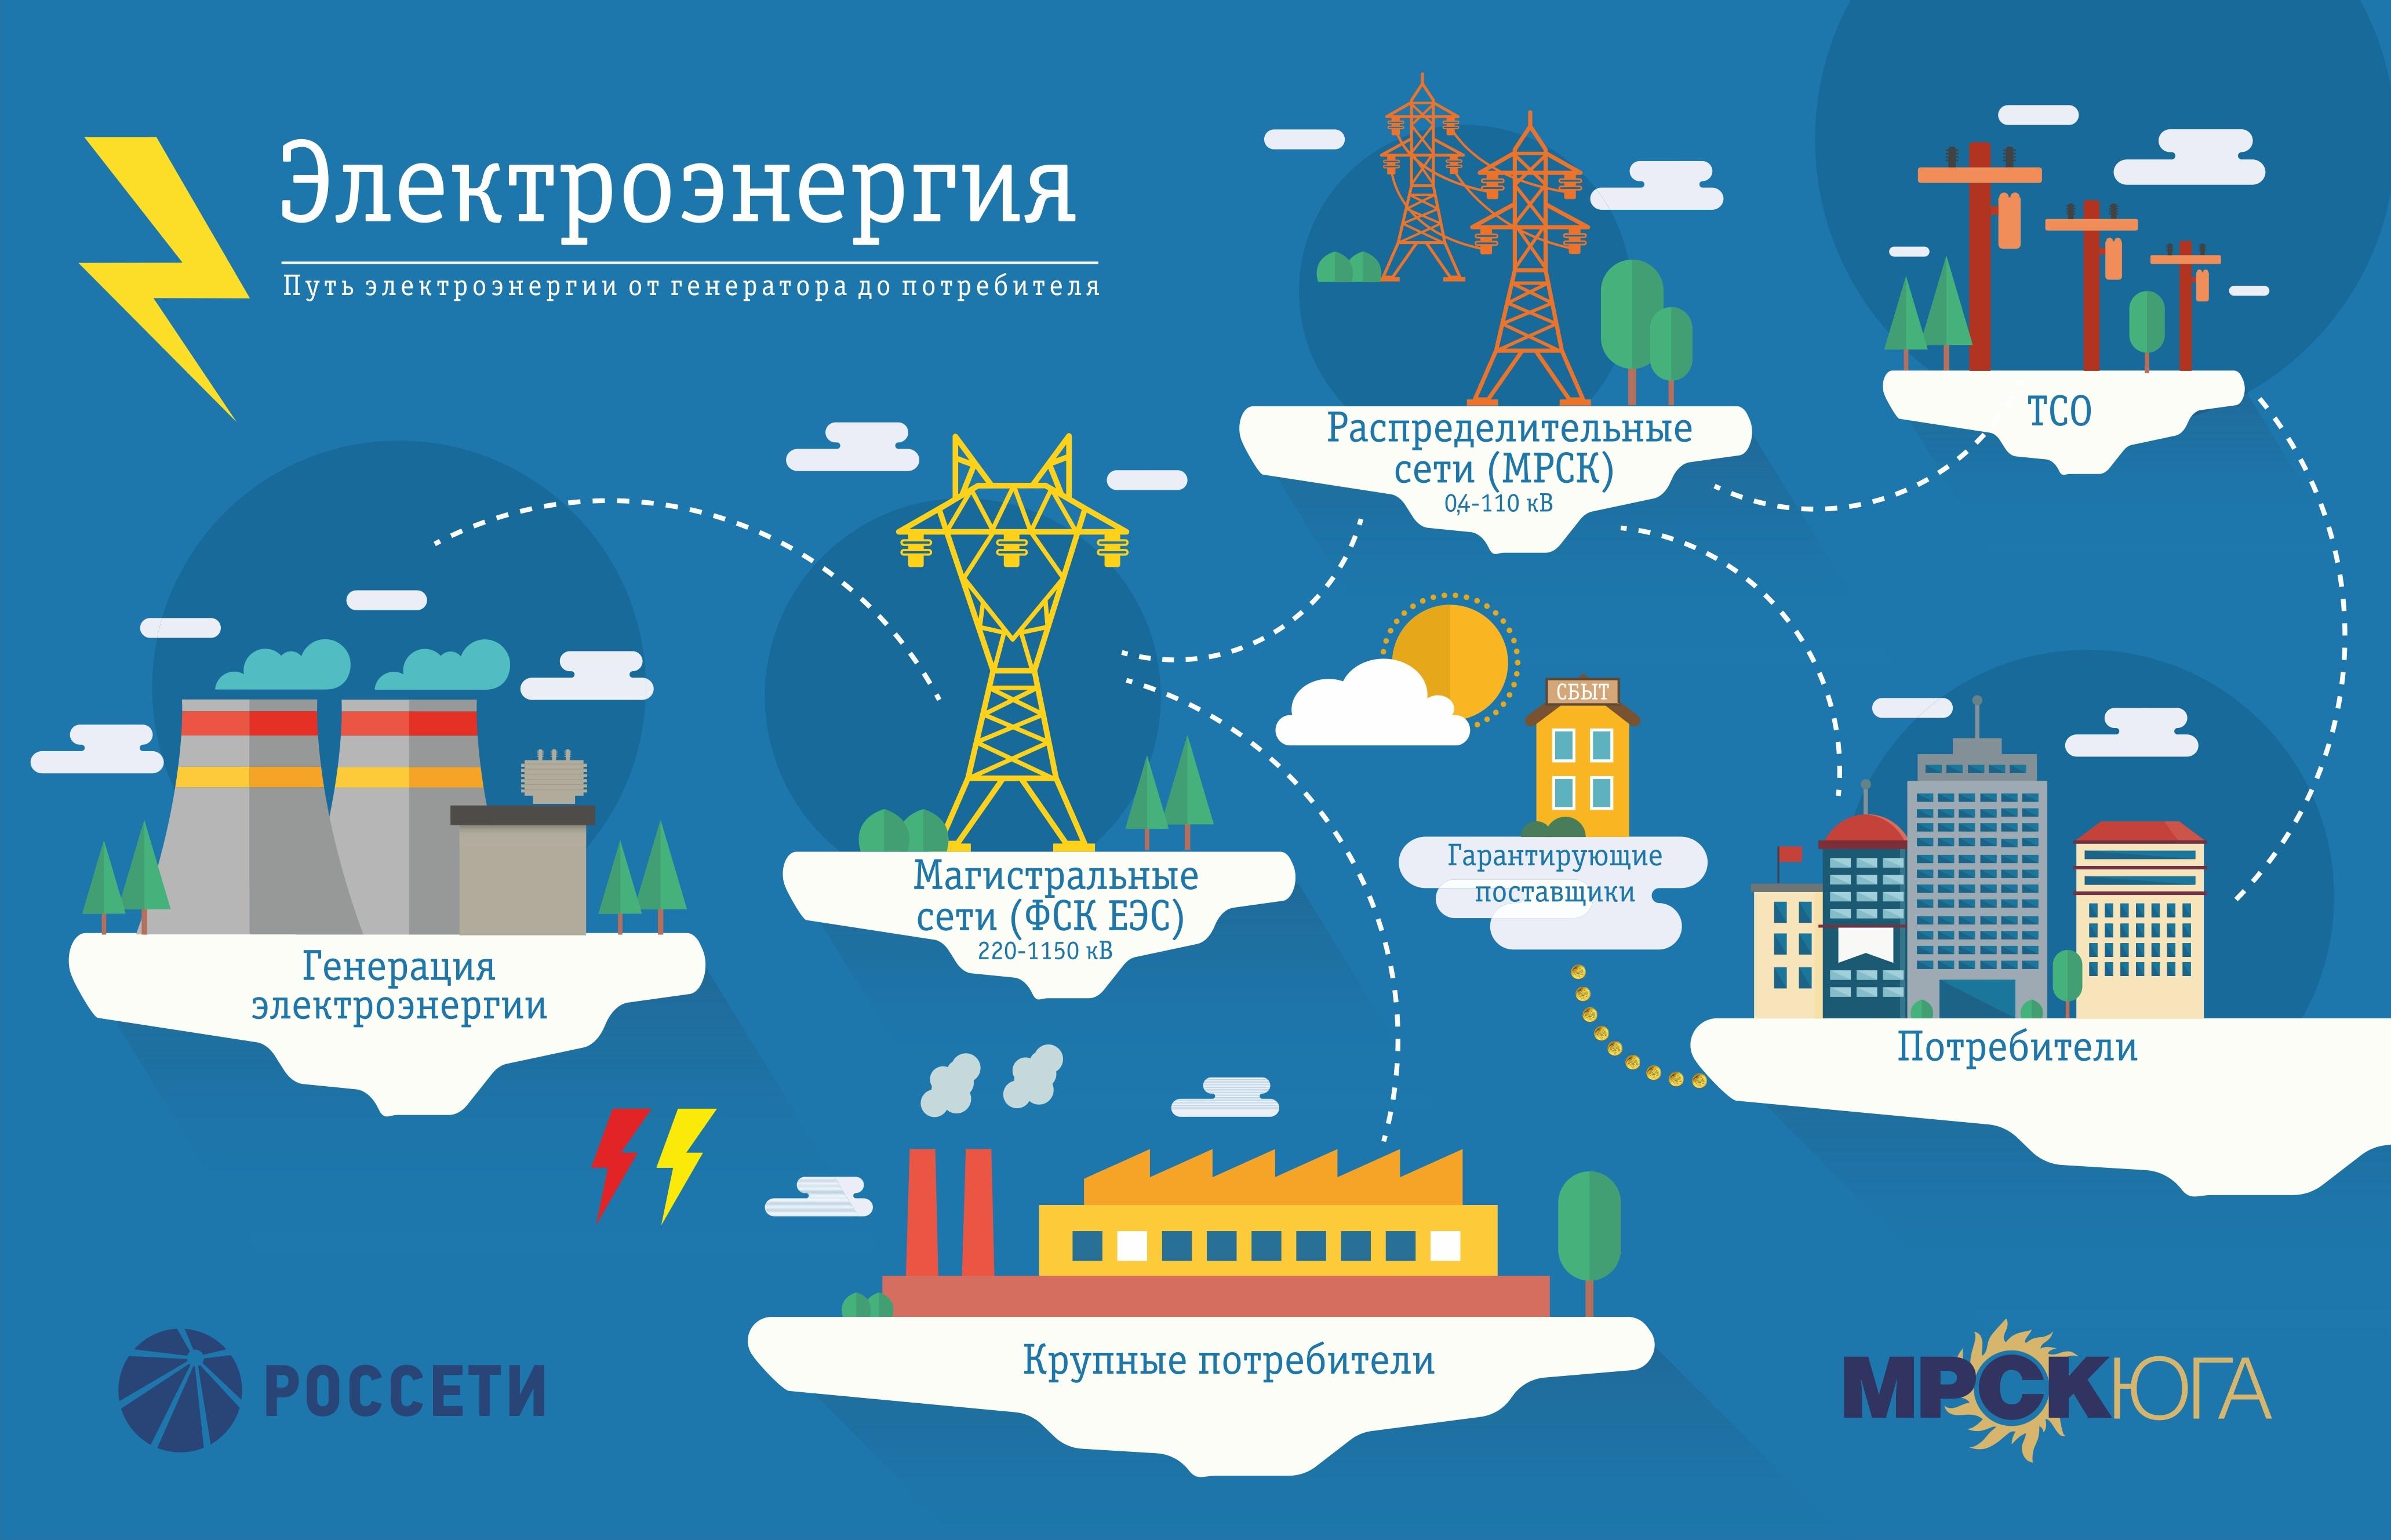 Схемы передачи по электросети